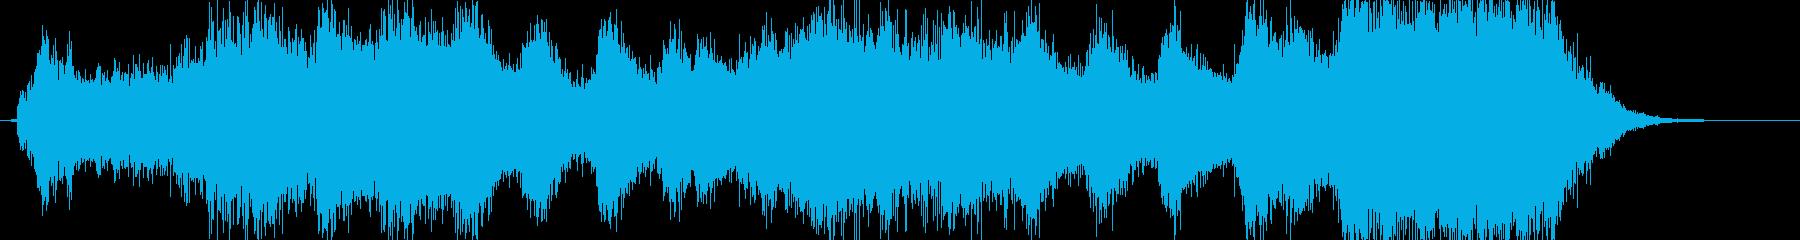 邪悪なイメージのファンファーレ1の再生済みの波形